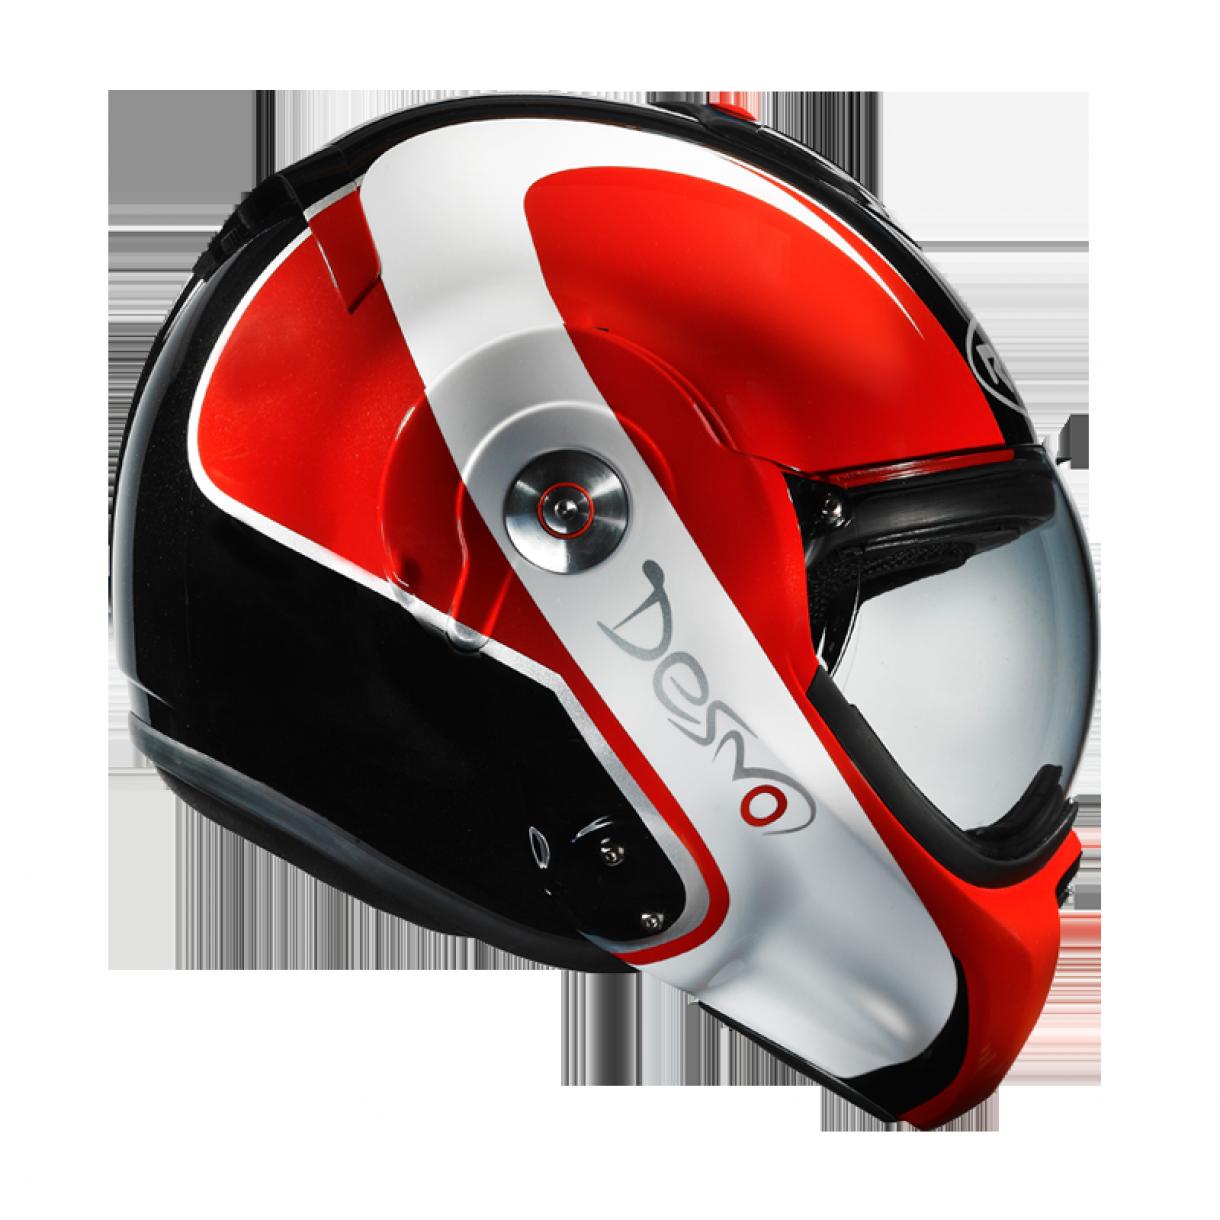 Casque moto modulable boxer